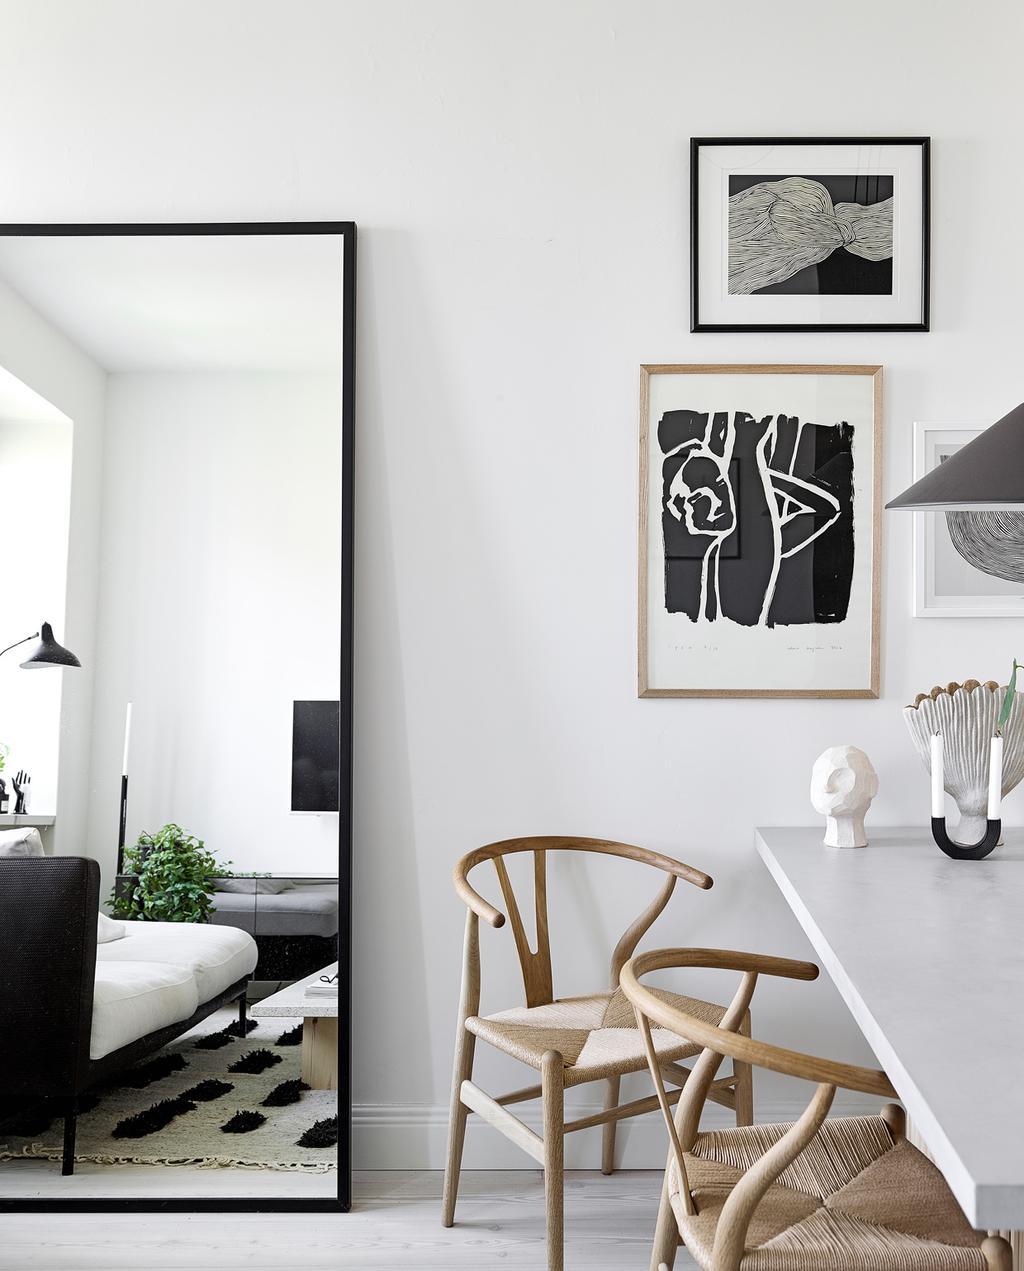 vtwonen special tiny houses | spiegel met posters aan de wand  | spiegels ophangen